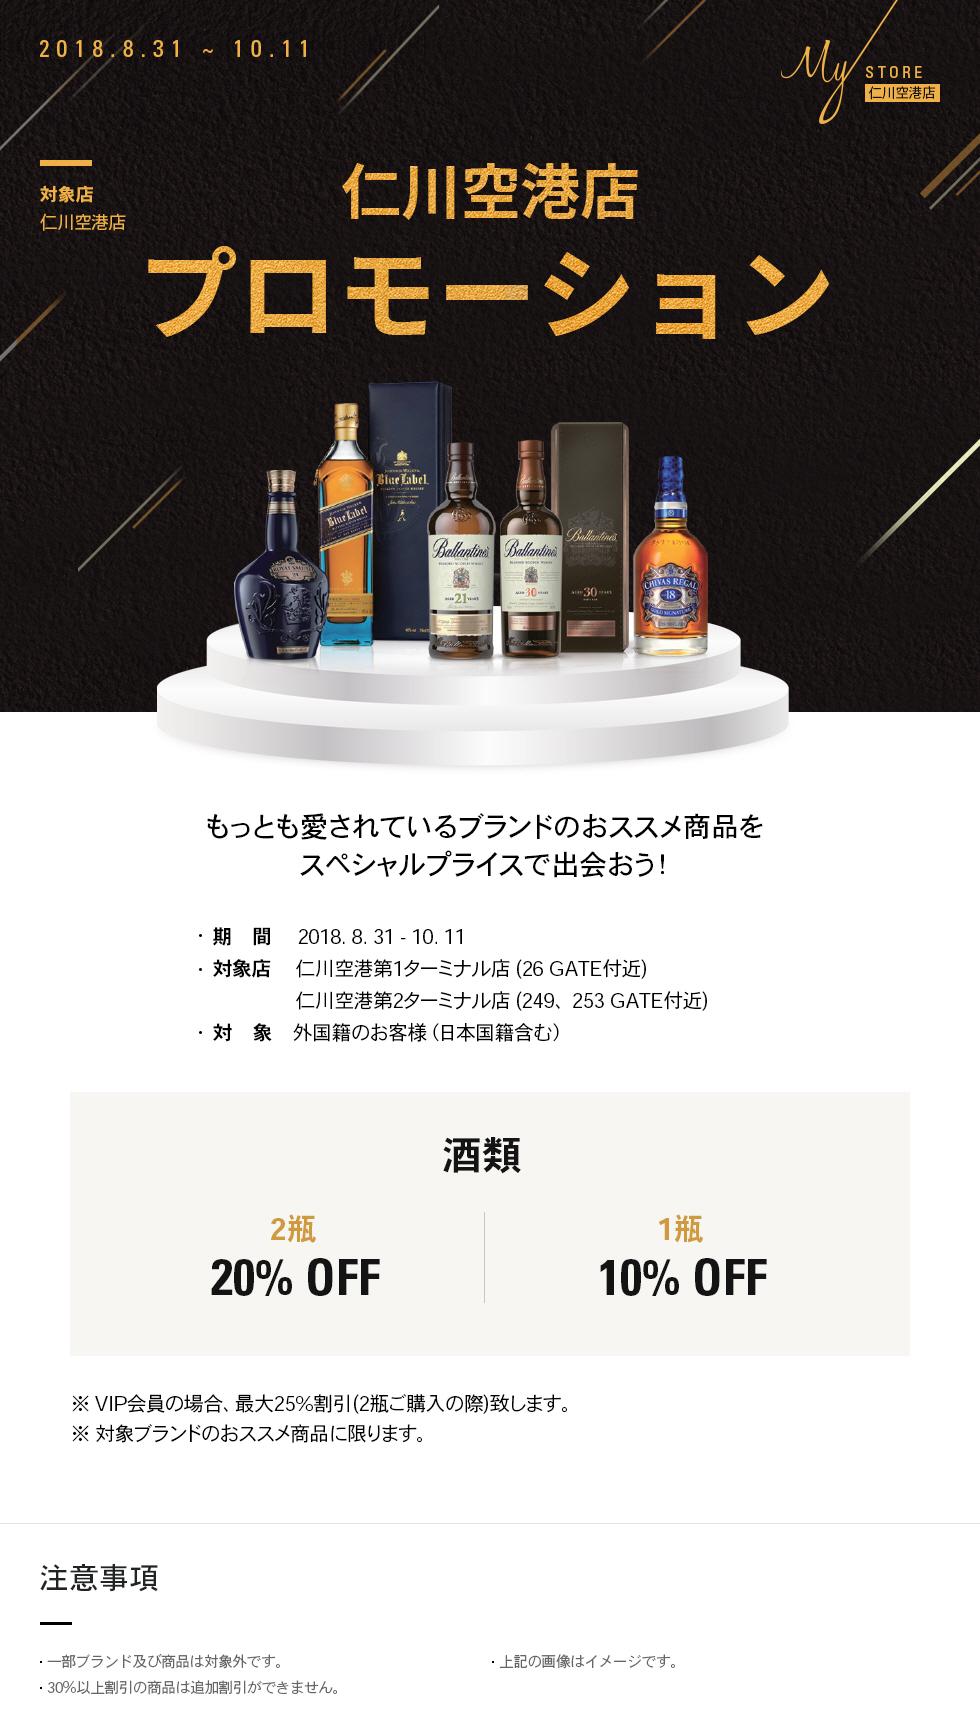 仁川空港店プロモーション